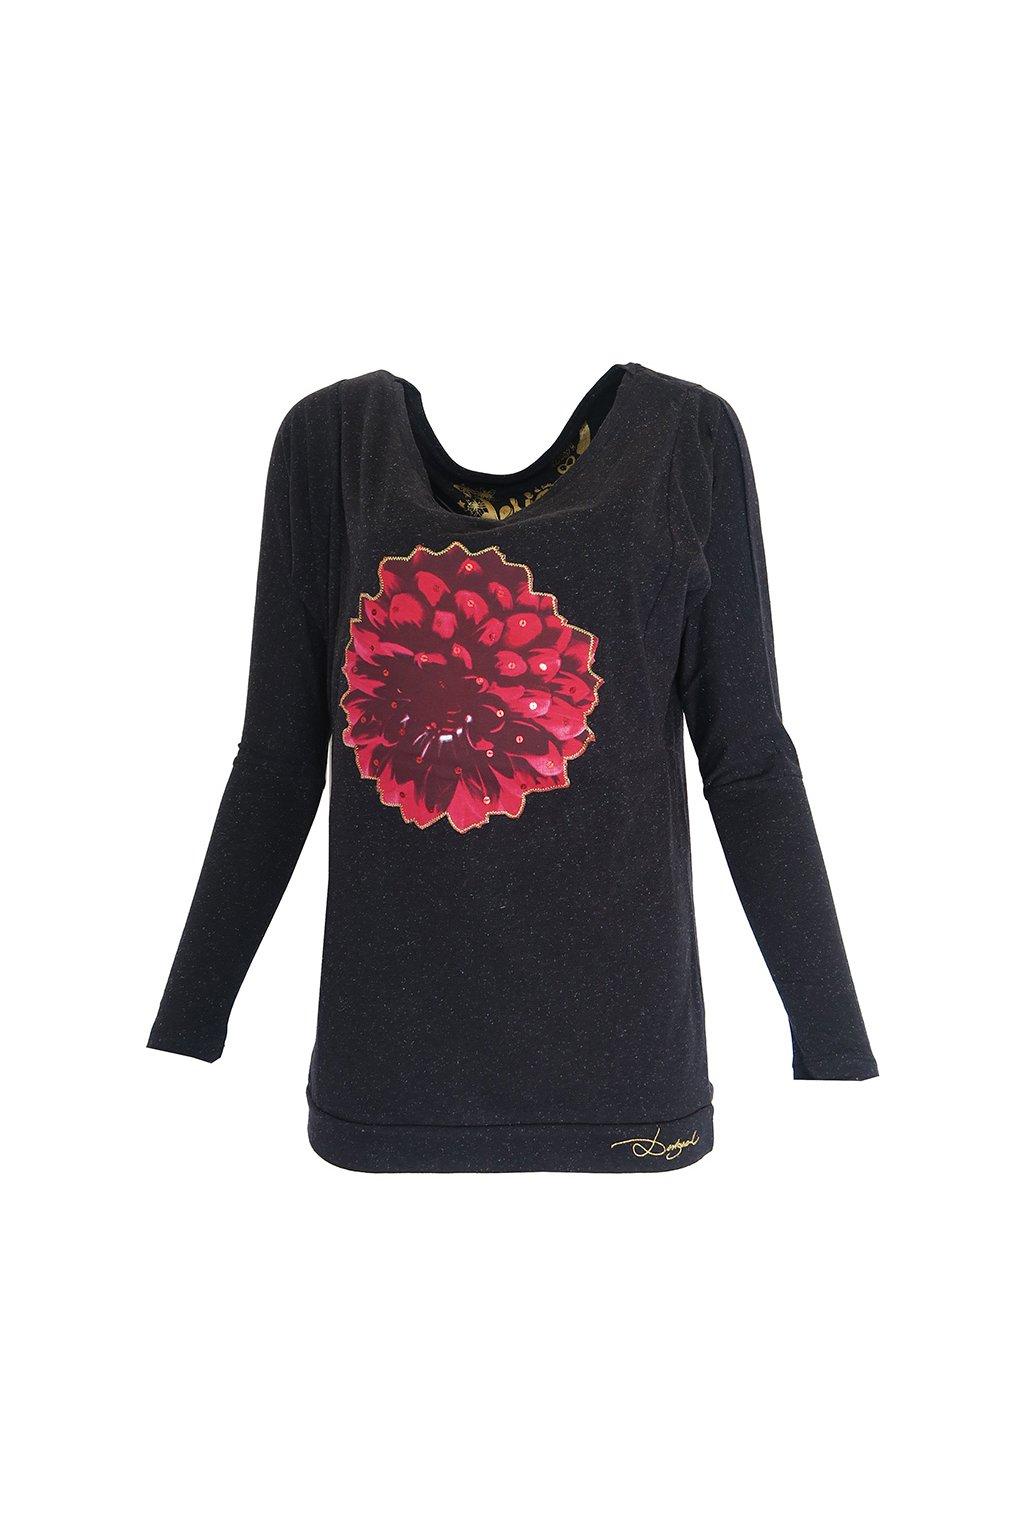 Černé tričko s rudou květinou DESIGUAL